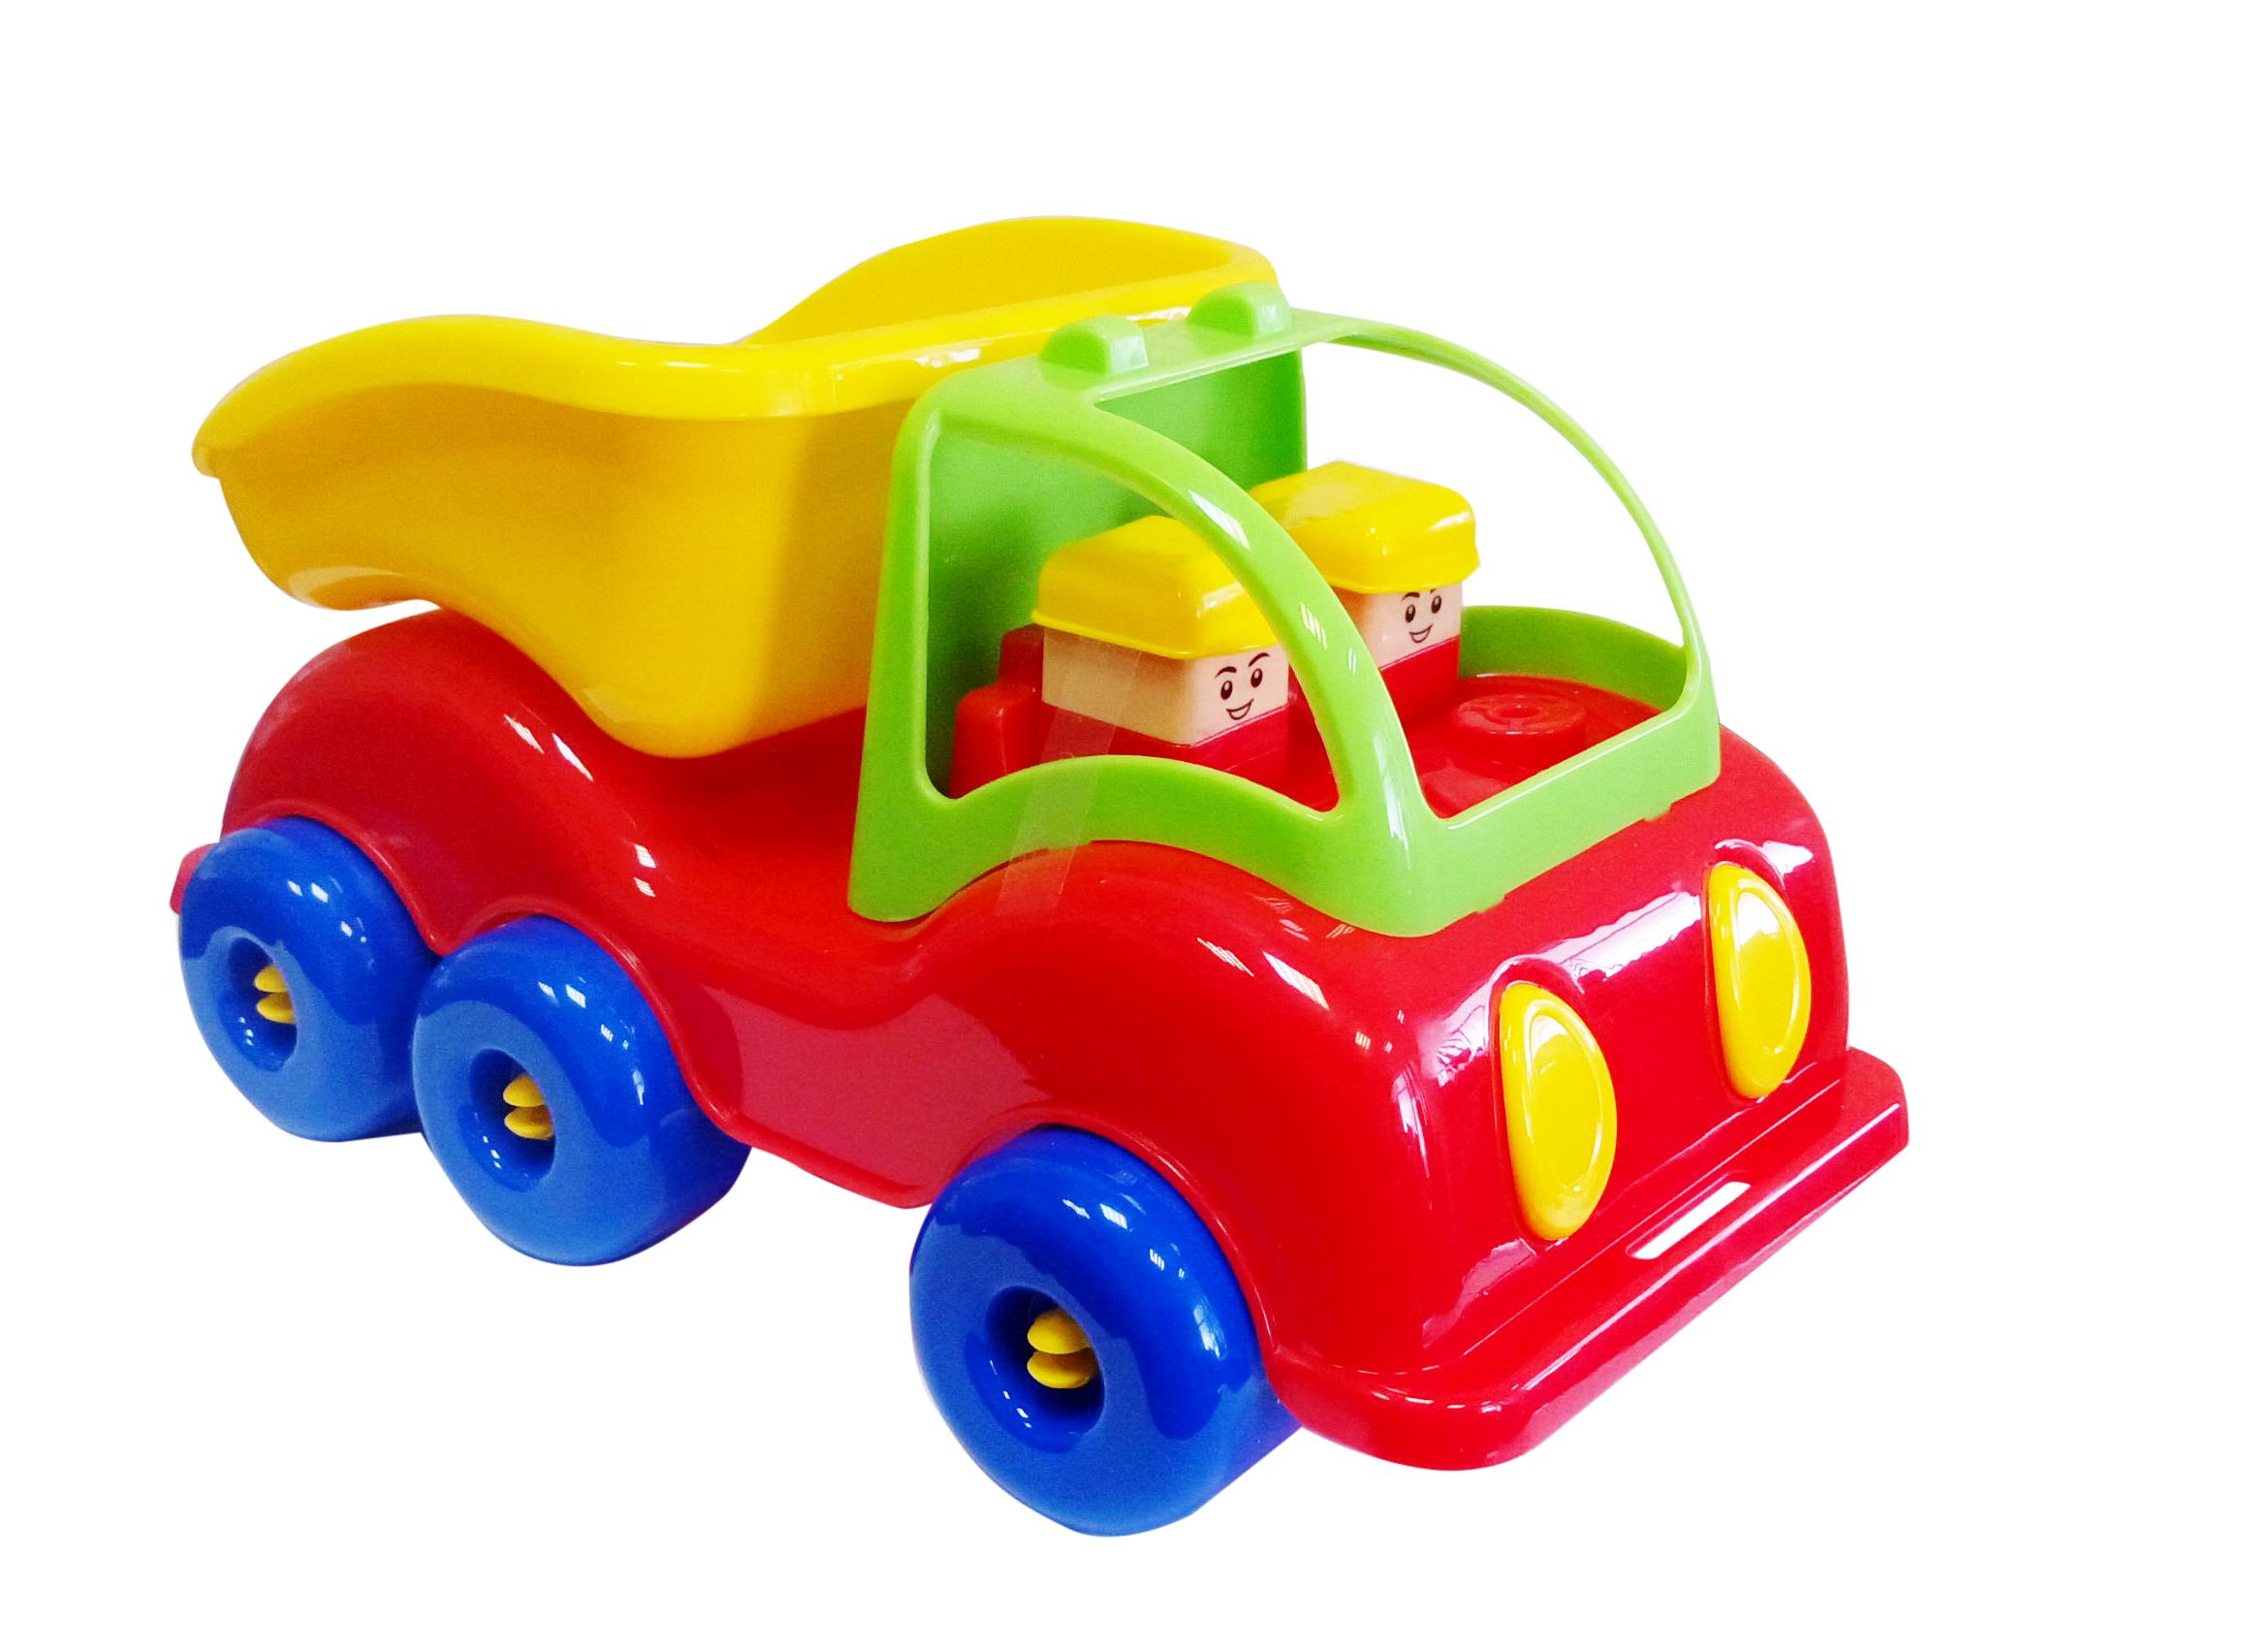 Фото - Игрушечные машинки и техника Пластмастер Силач игры и игрушки в дорогу пластмастер подвеска на коляску пластмастер конфетка